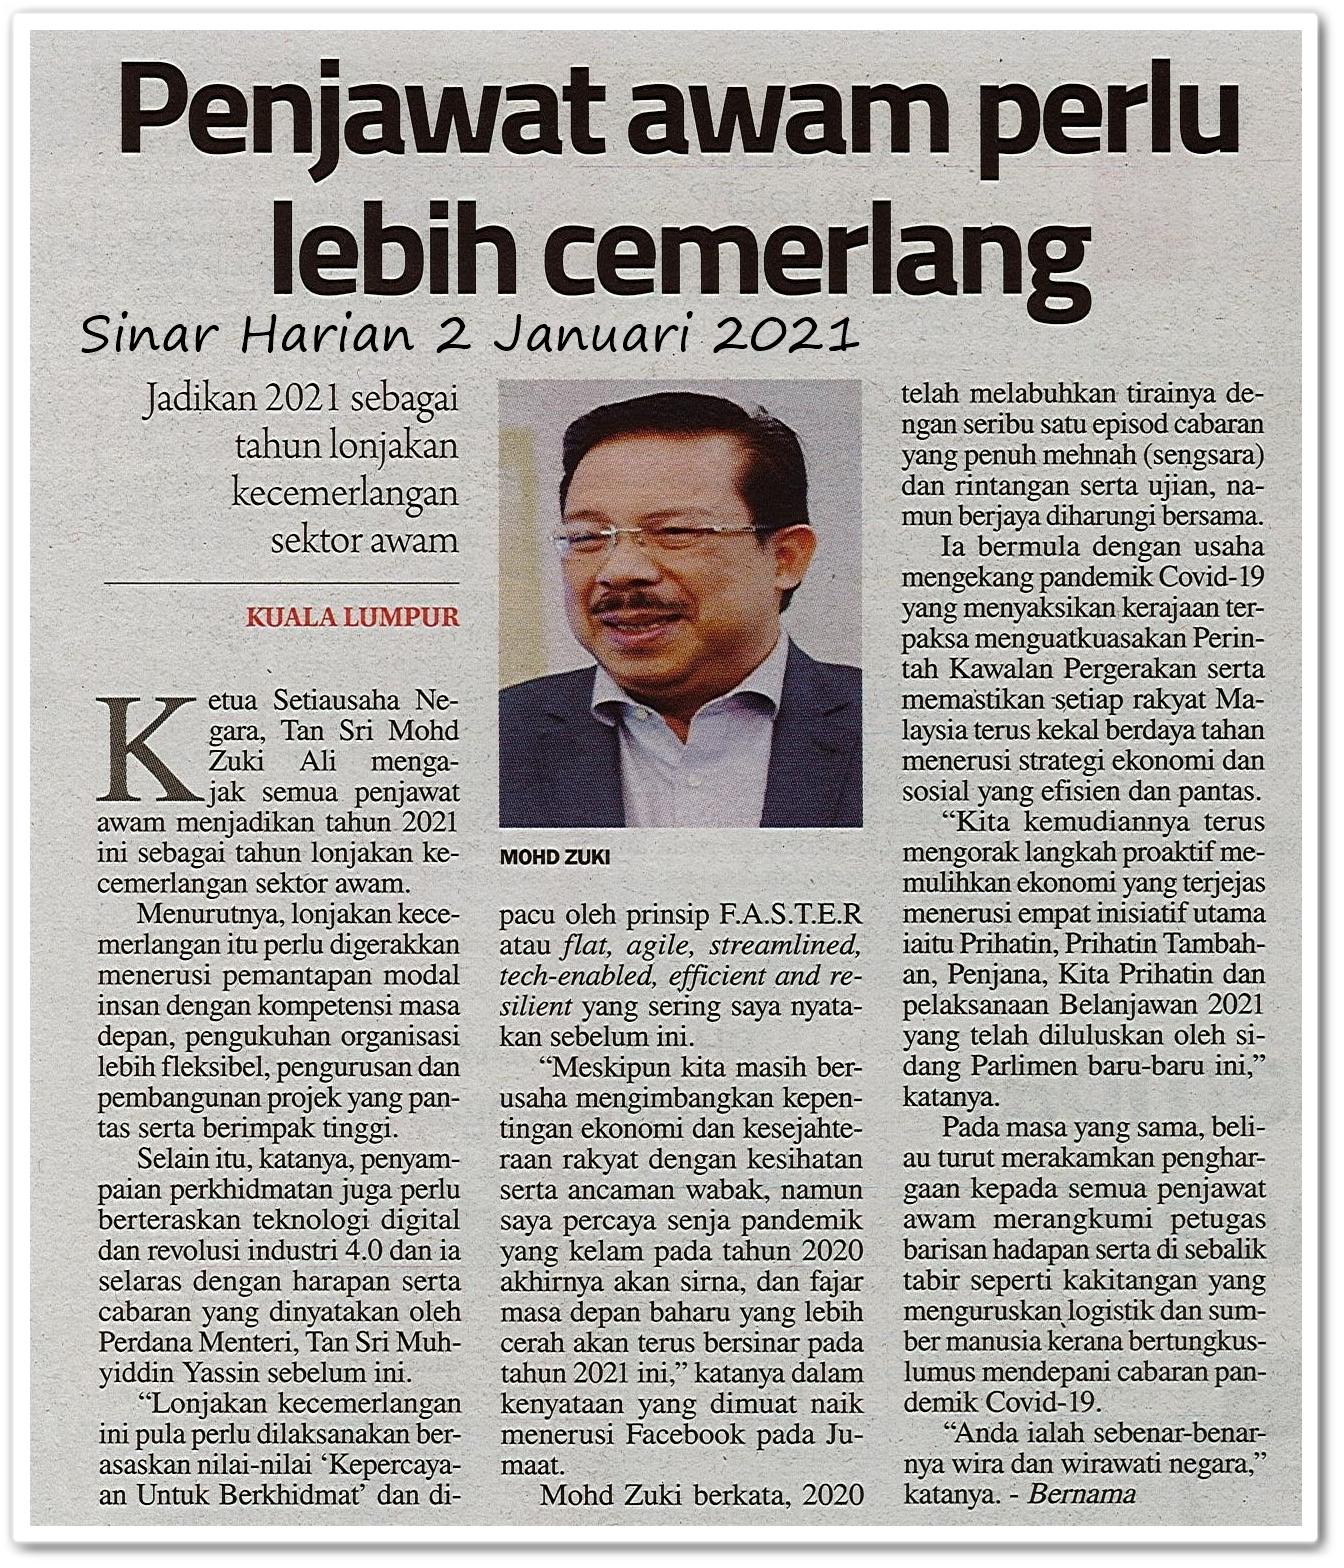 Penjawat awam perlu lebih cemerlang - Keratan akhbar Sinar Harian 2 Januari 2021